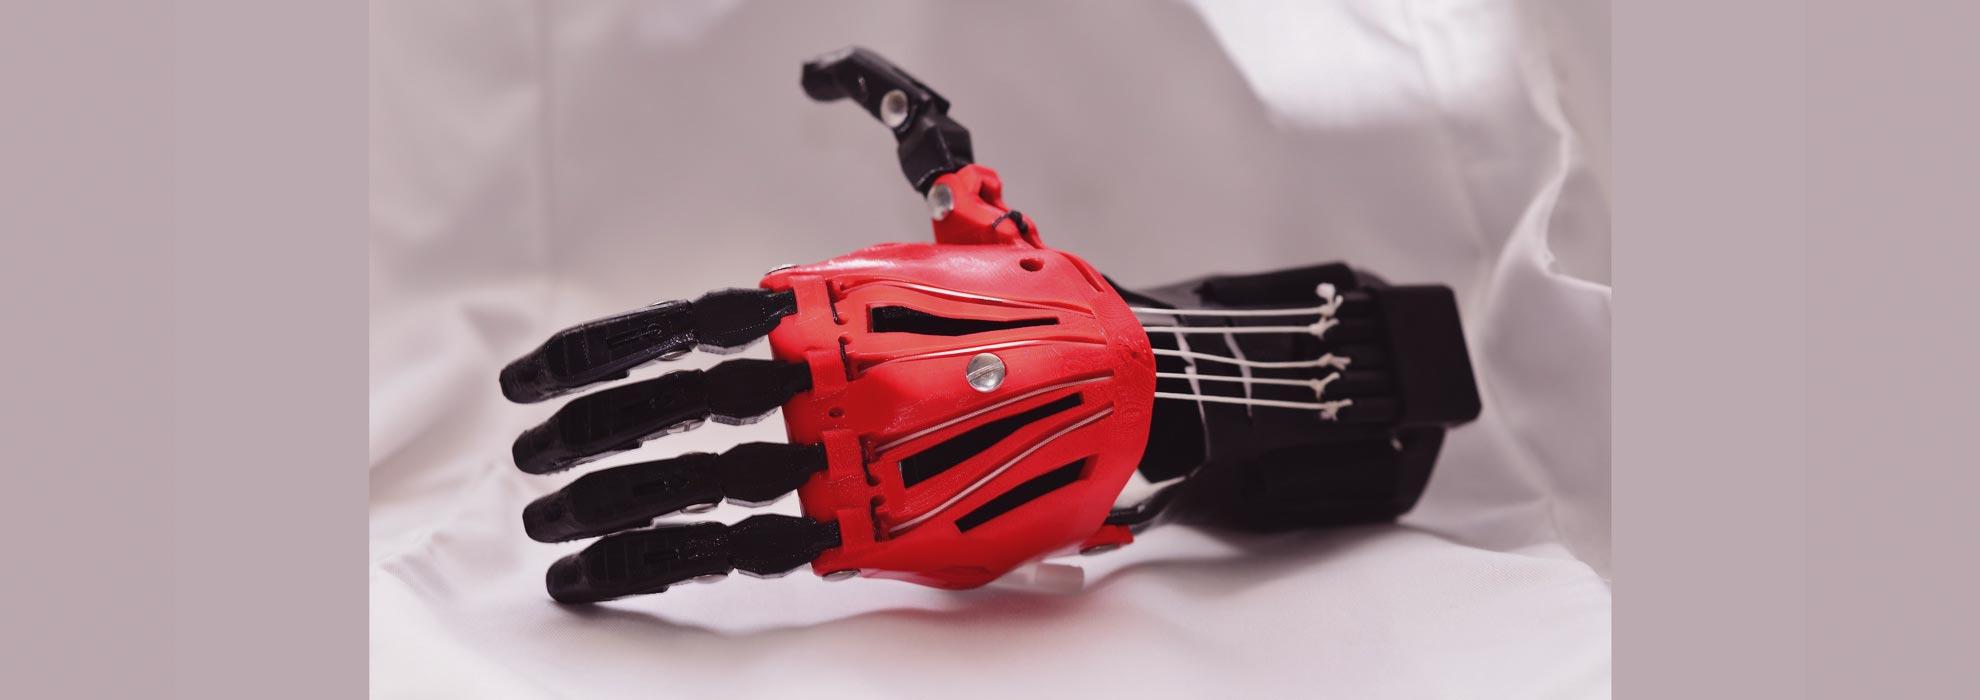 Протез руки изготовленный с помощью 3Д печати